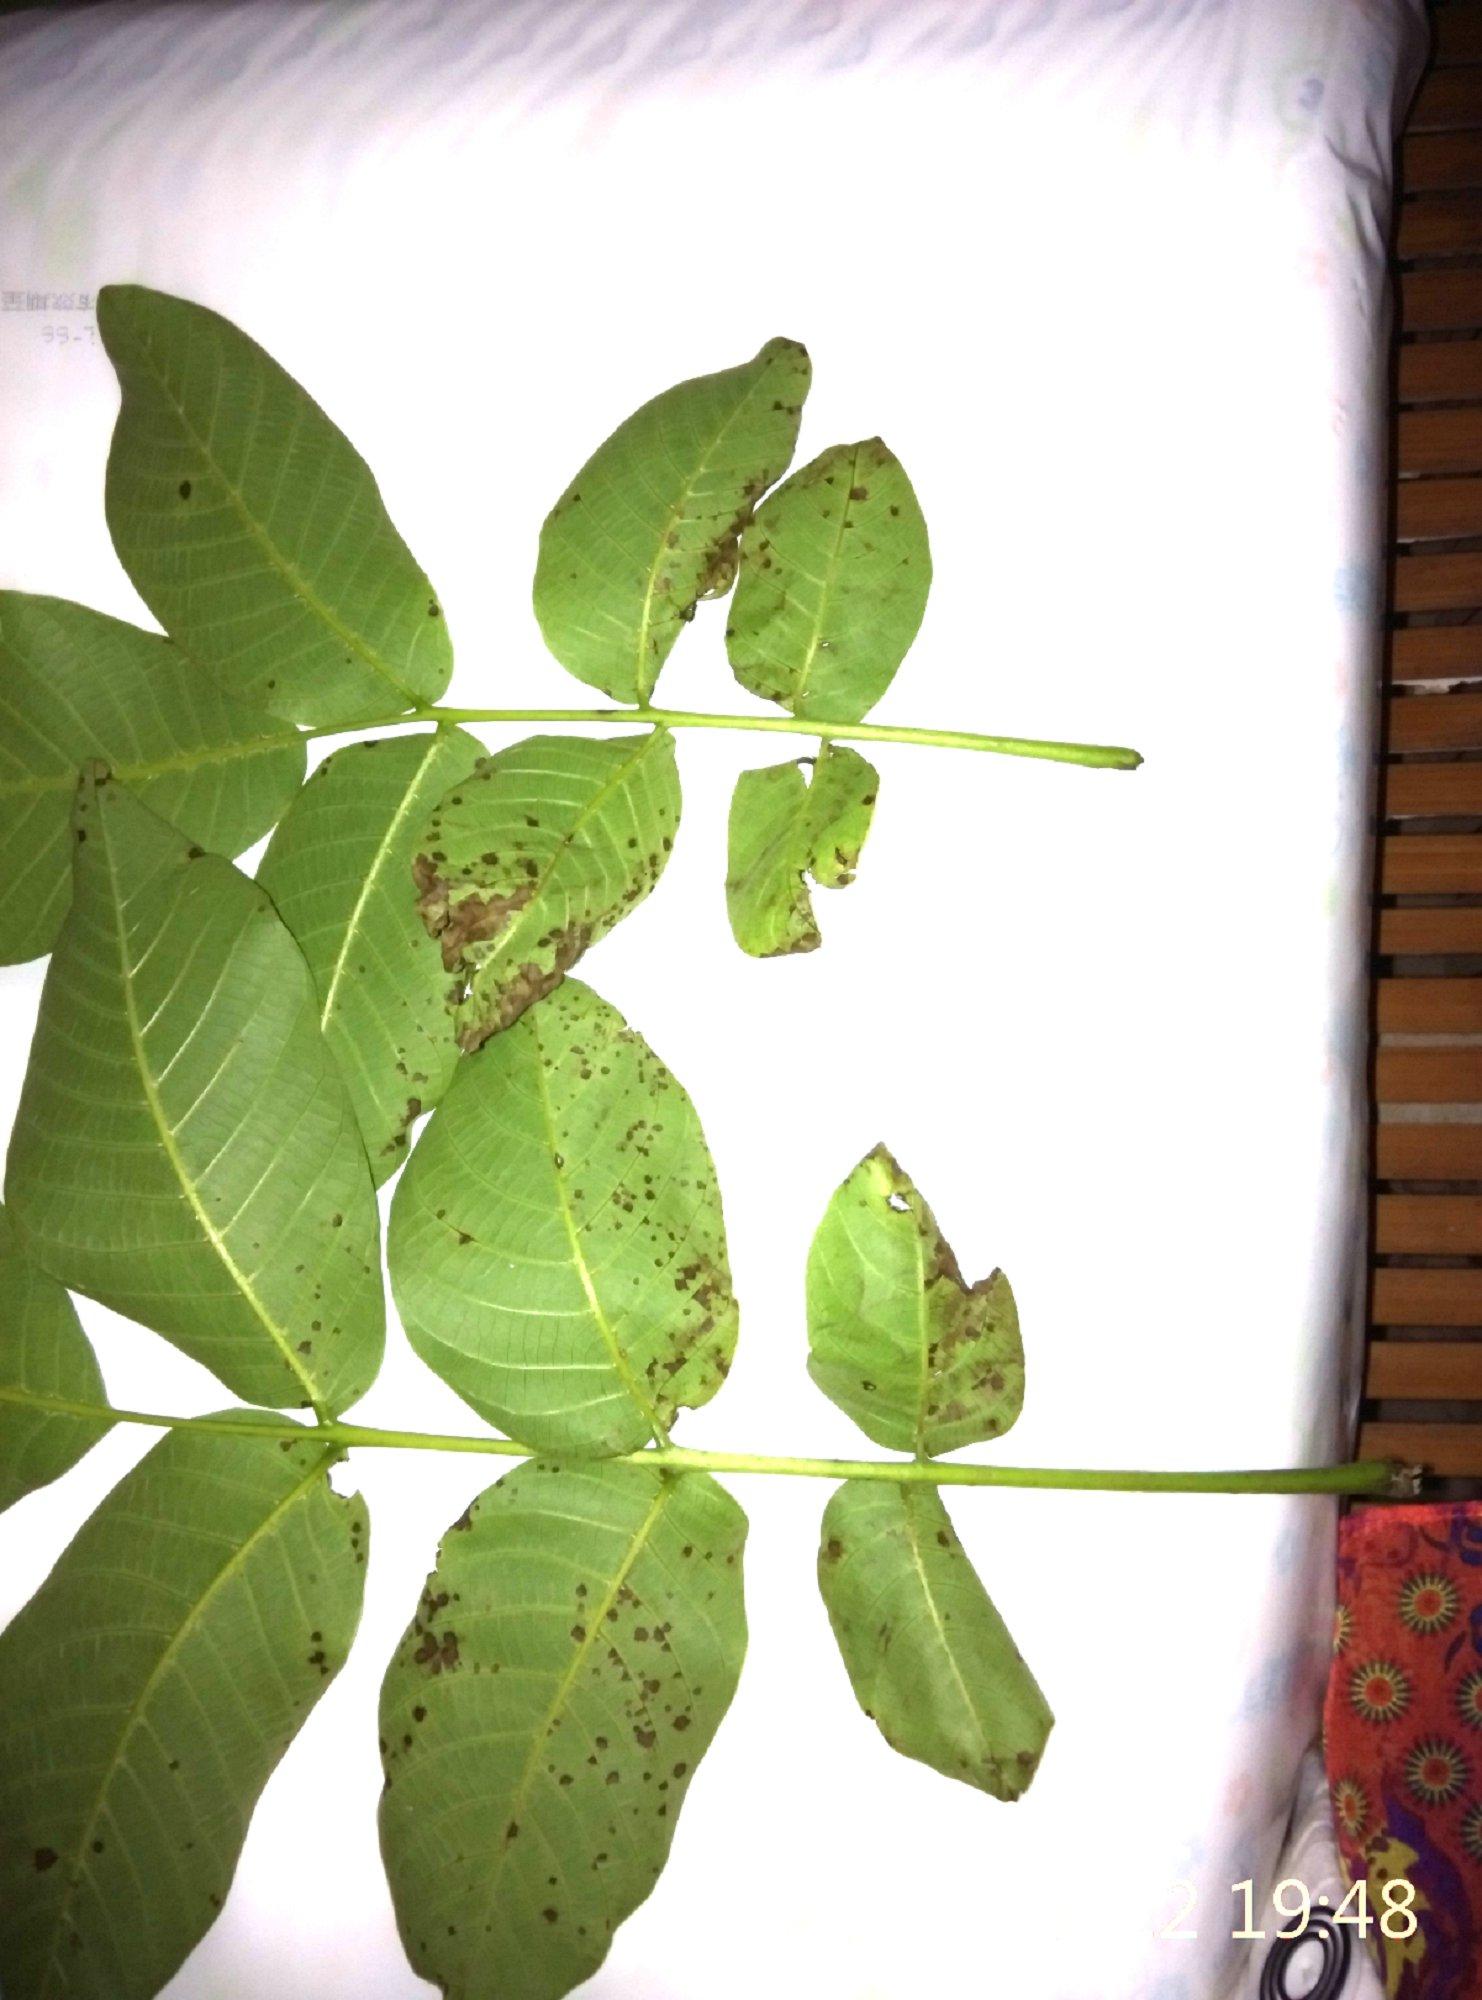 核桃树病害图片1_水果医院